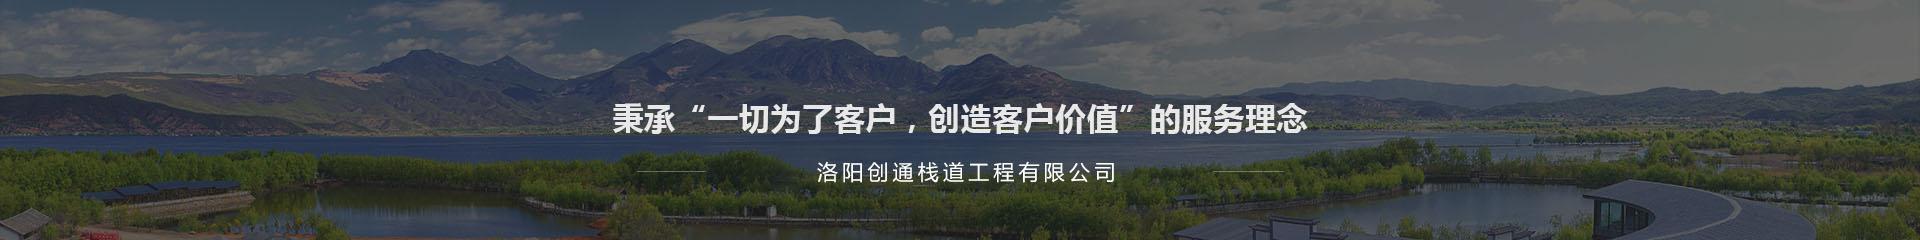 竞博官网吊桥承建